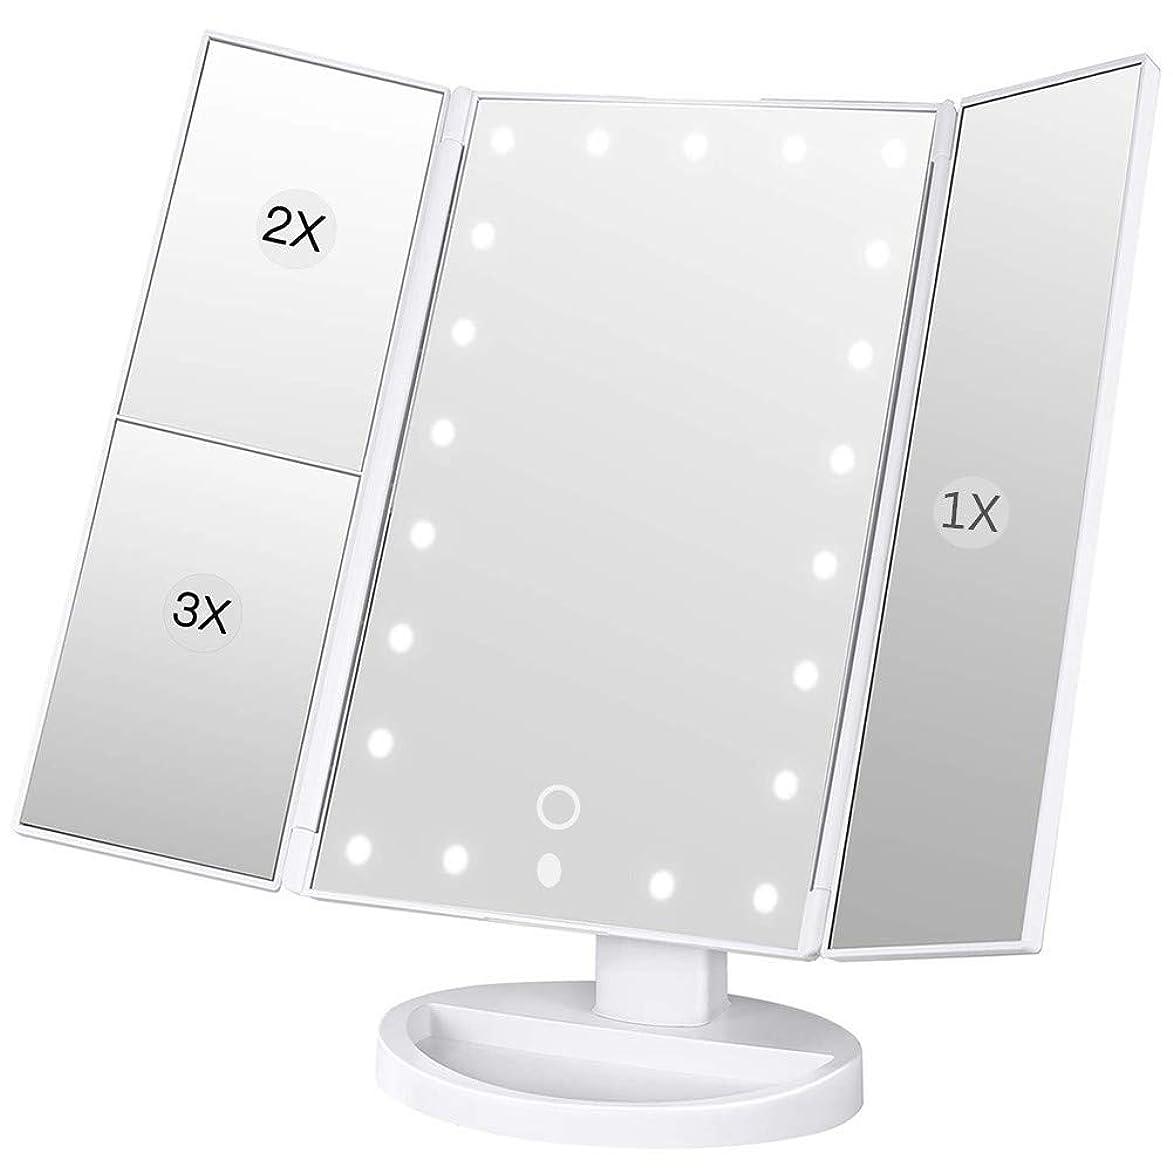 反発背景資金LED化粧鏡 卓上鏡 三面鏡 折りたたみ式 2倍&3倍拡大 女優ミラー 180度回転 ライト鏡 明るさ?角度自由調整 単三電池&USB給電 (白)